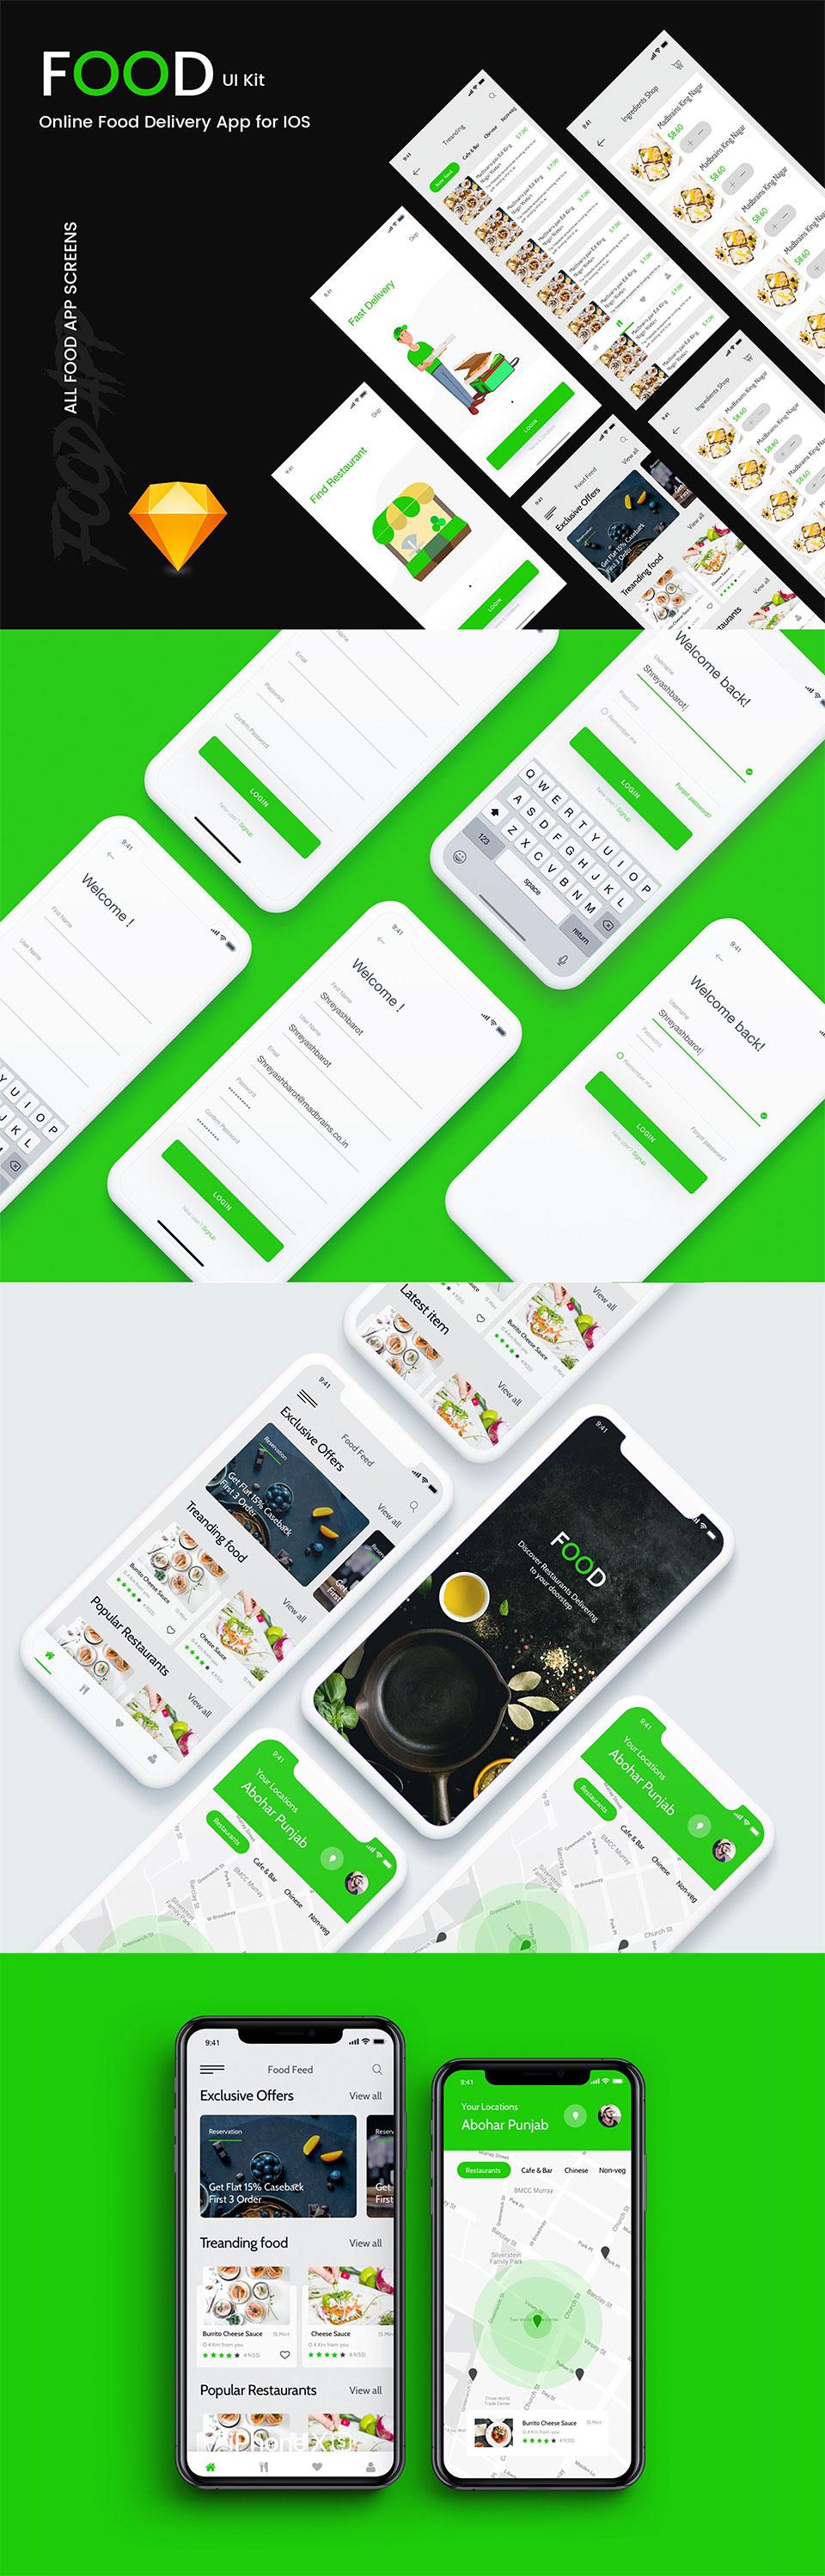 清新简洁的美食外卖派送 APP UI KIT 模板套装下载 [Sketch]